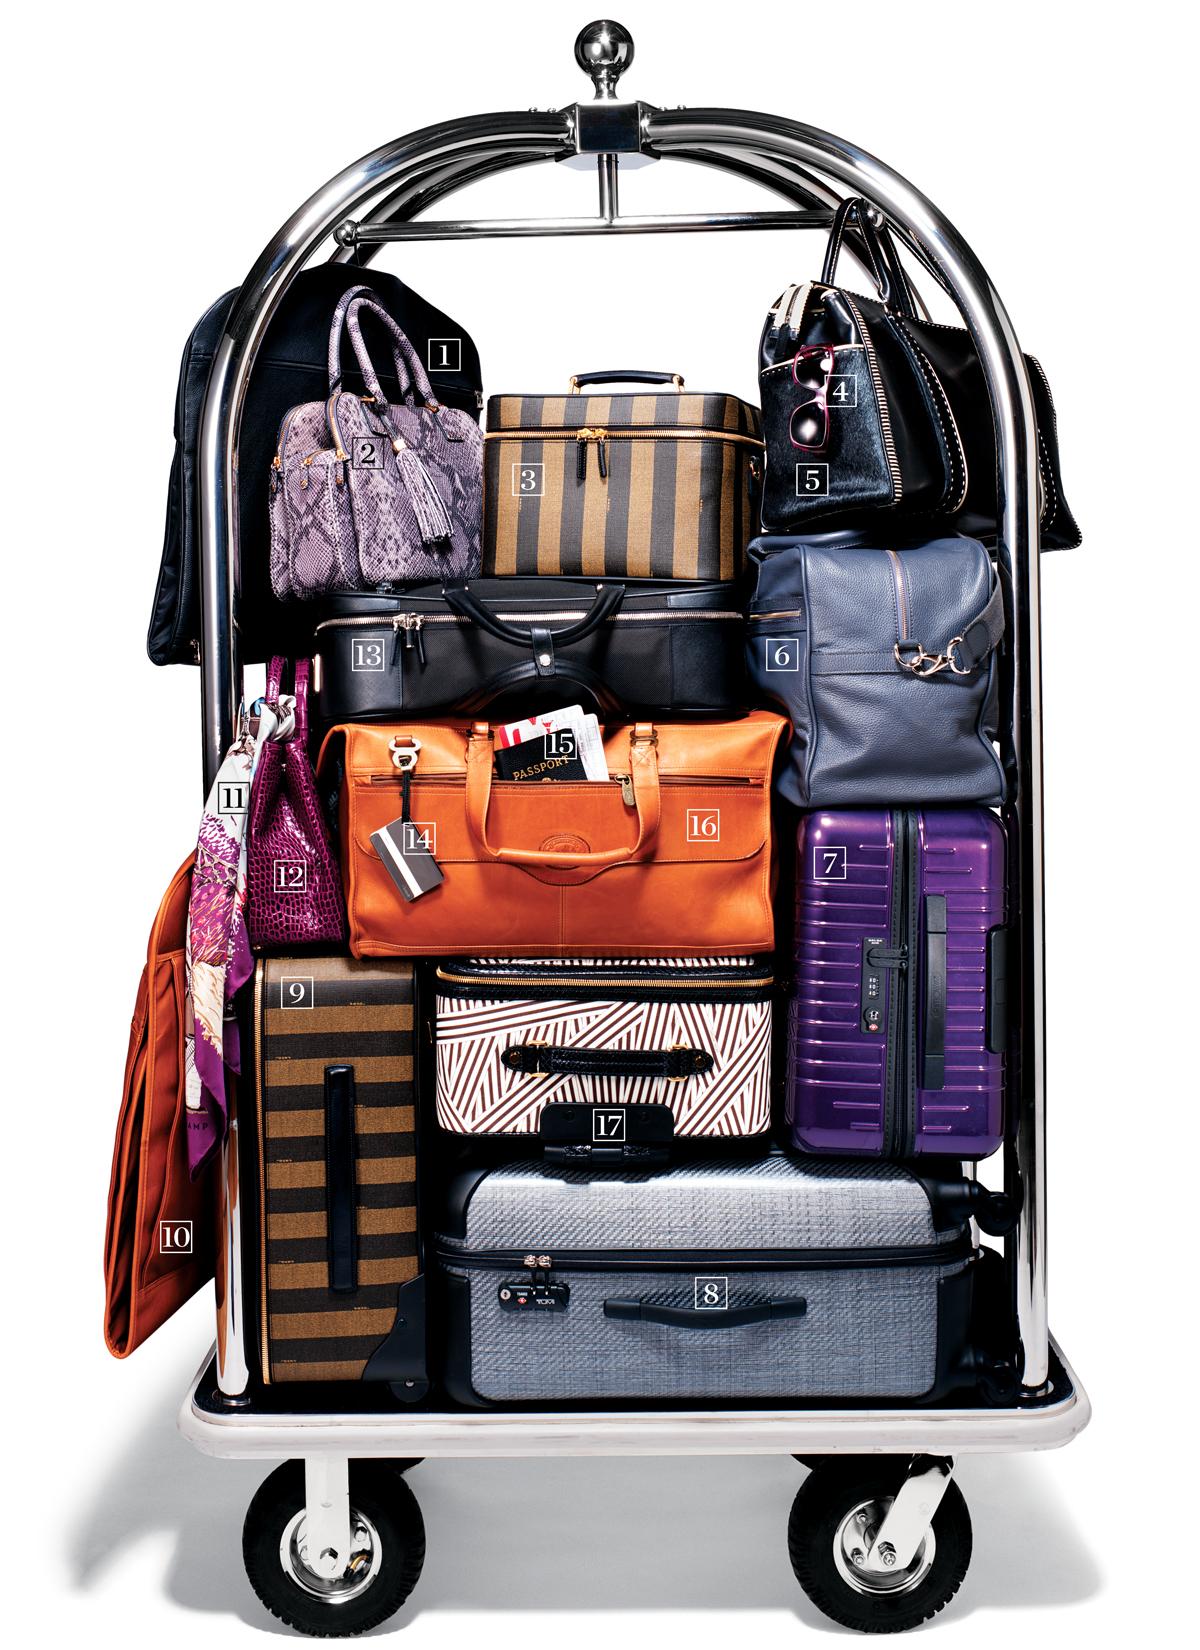 honeymoon-luggage-bags